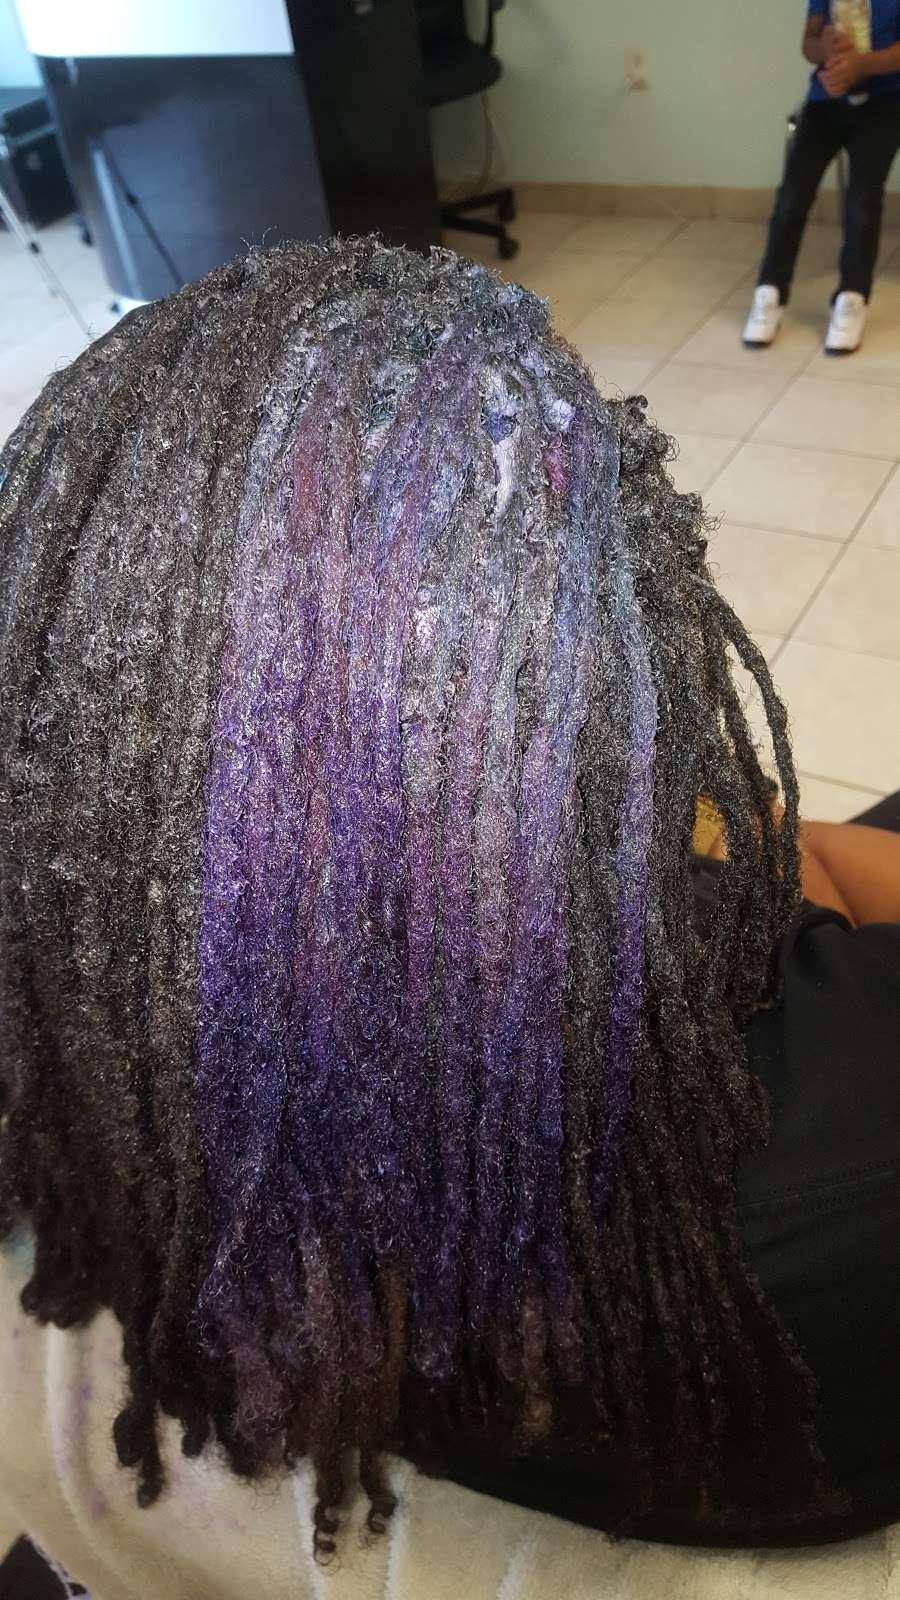 Jesulas Natural Hair Spa llc - hair care  | Photo 8 of 10 | Address: 1385 Stuyvesant Ave, Union, NJ 07083, USA | Phone: (201) 927-1609